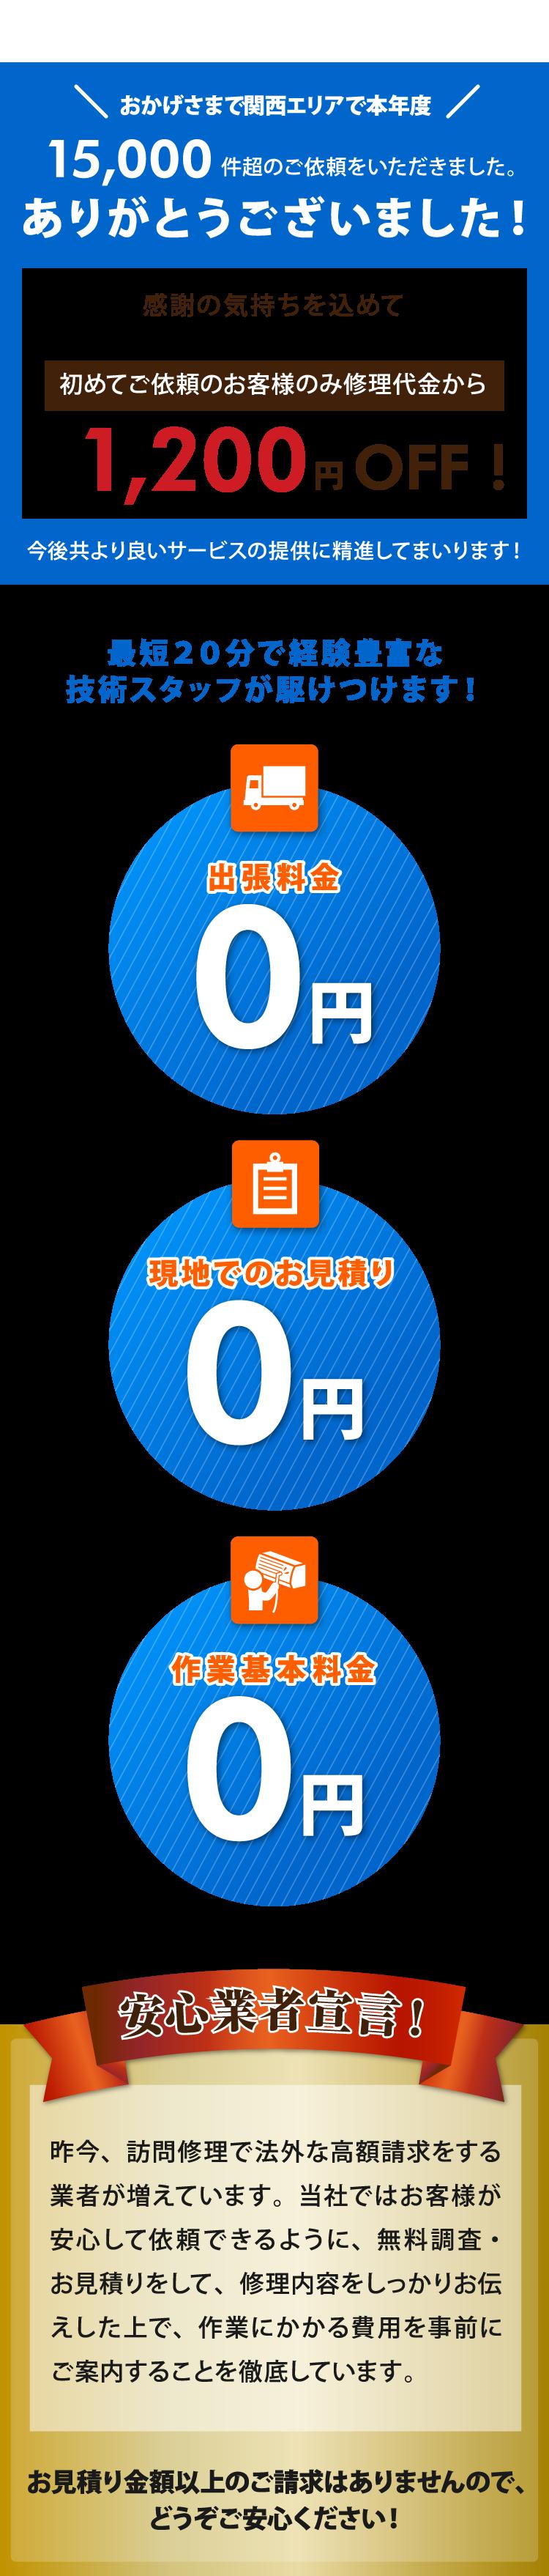 おかげさまで関西(大阪京都兵庫奈良のエアコン修理、2019年に15,000件のご依頼を頂きました。初めての方のみエアコン修理代金より1200円割引!大阪のエアコンクリーニング最短20分で駆けつけ、出張料金無料、お見積り無料、作業基本料金無料